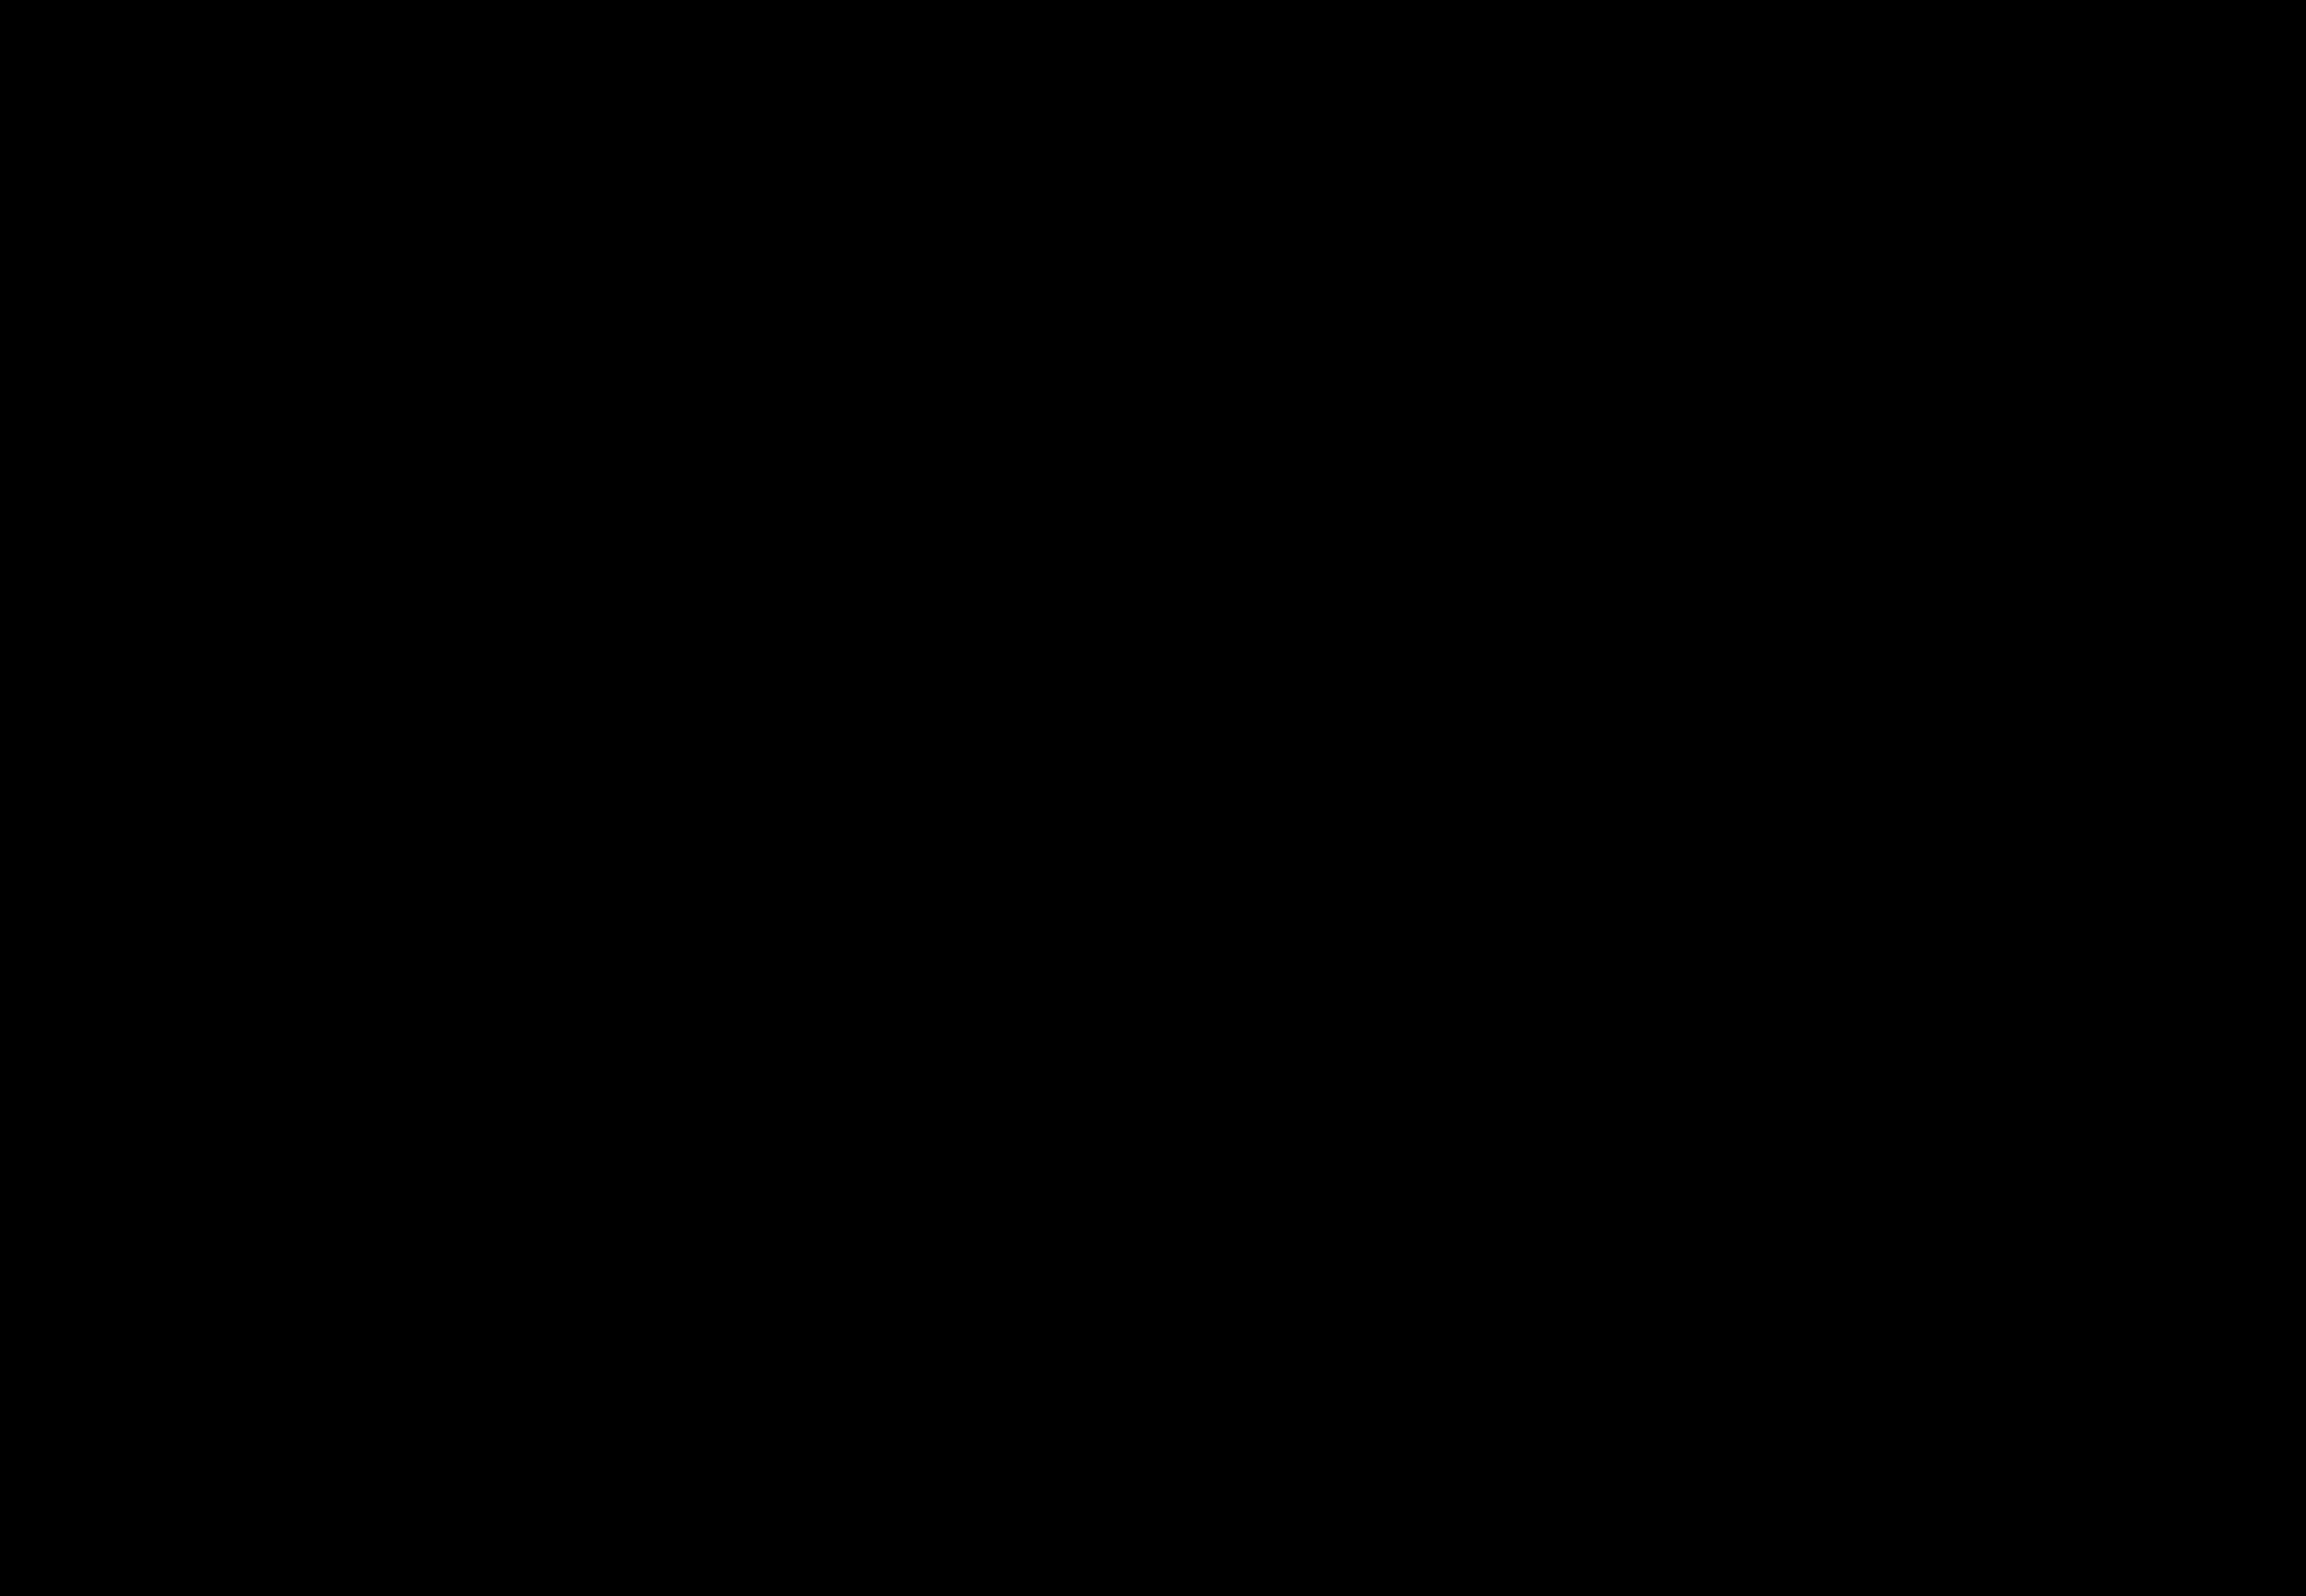 Alberto Vigevani al Campiello, 1975. Foto di Carla Cerati